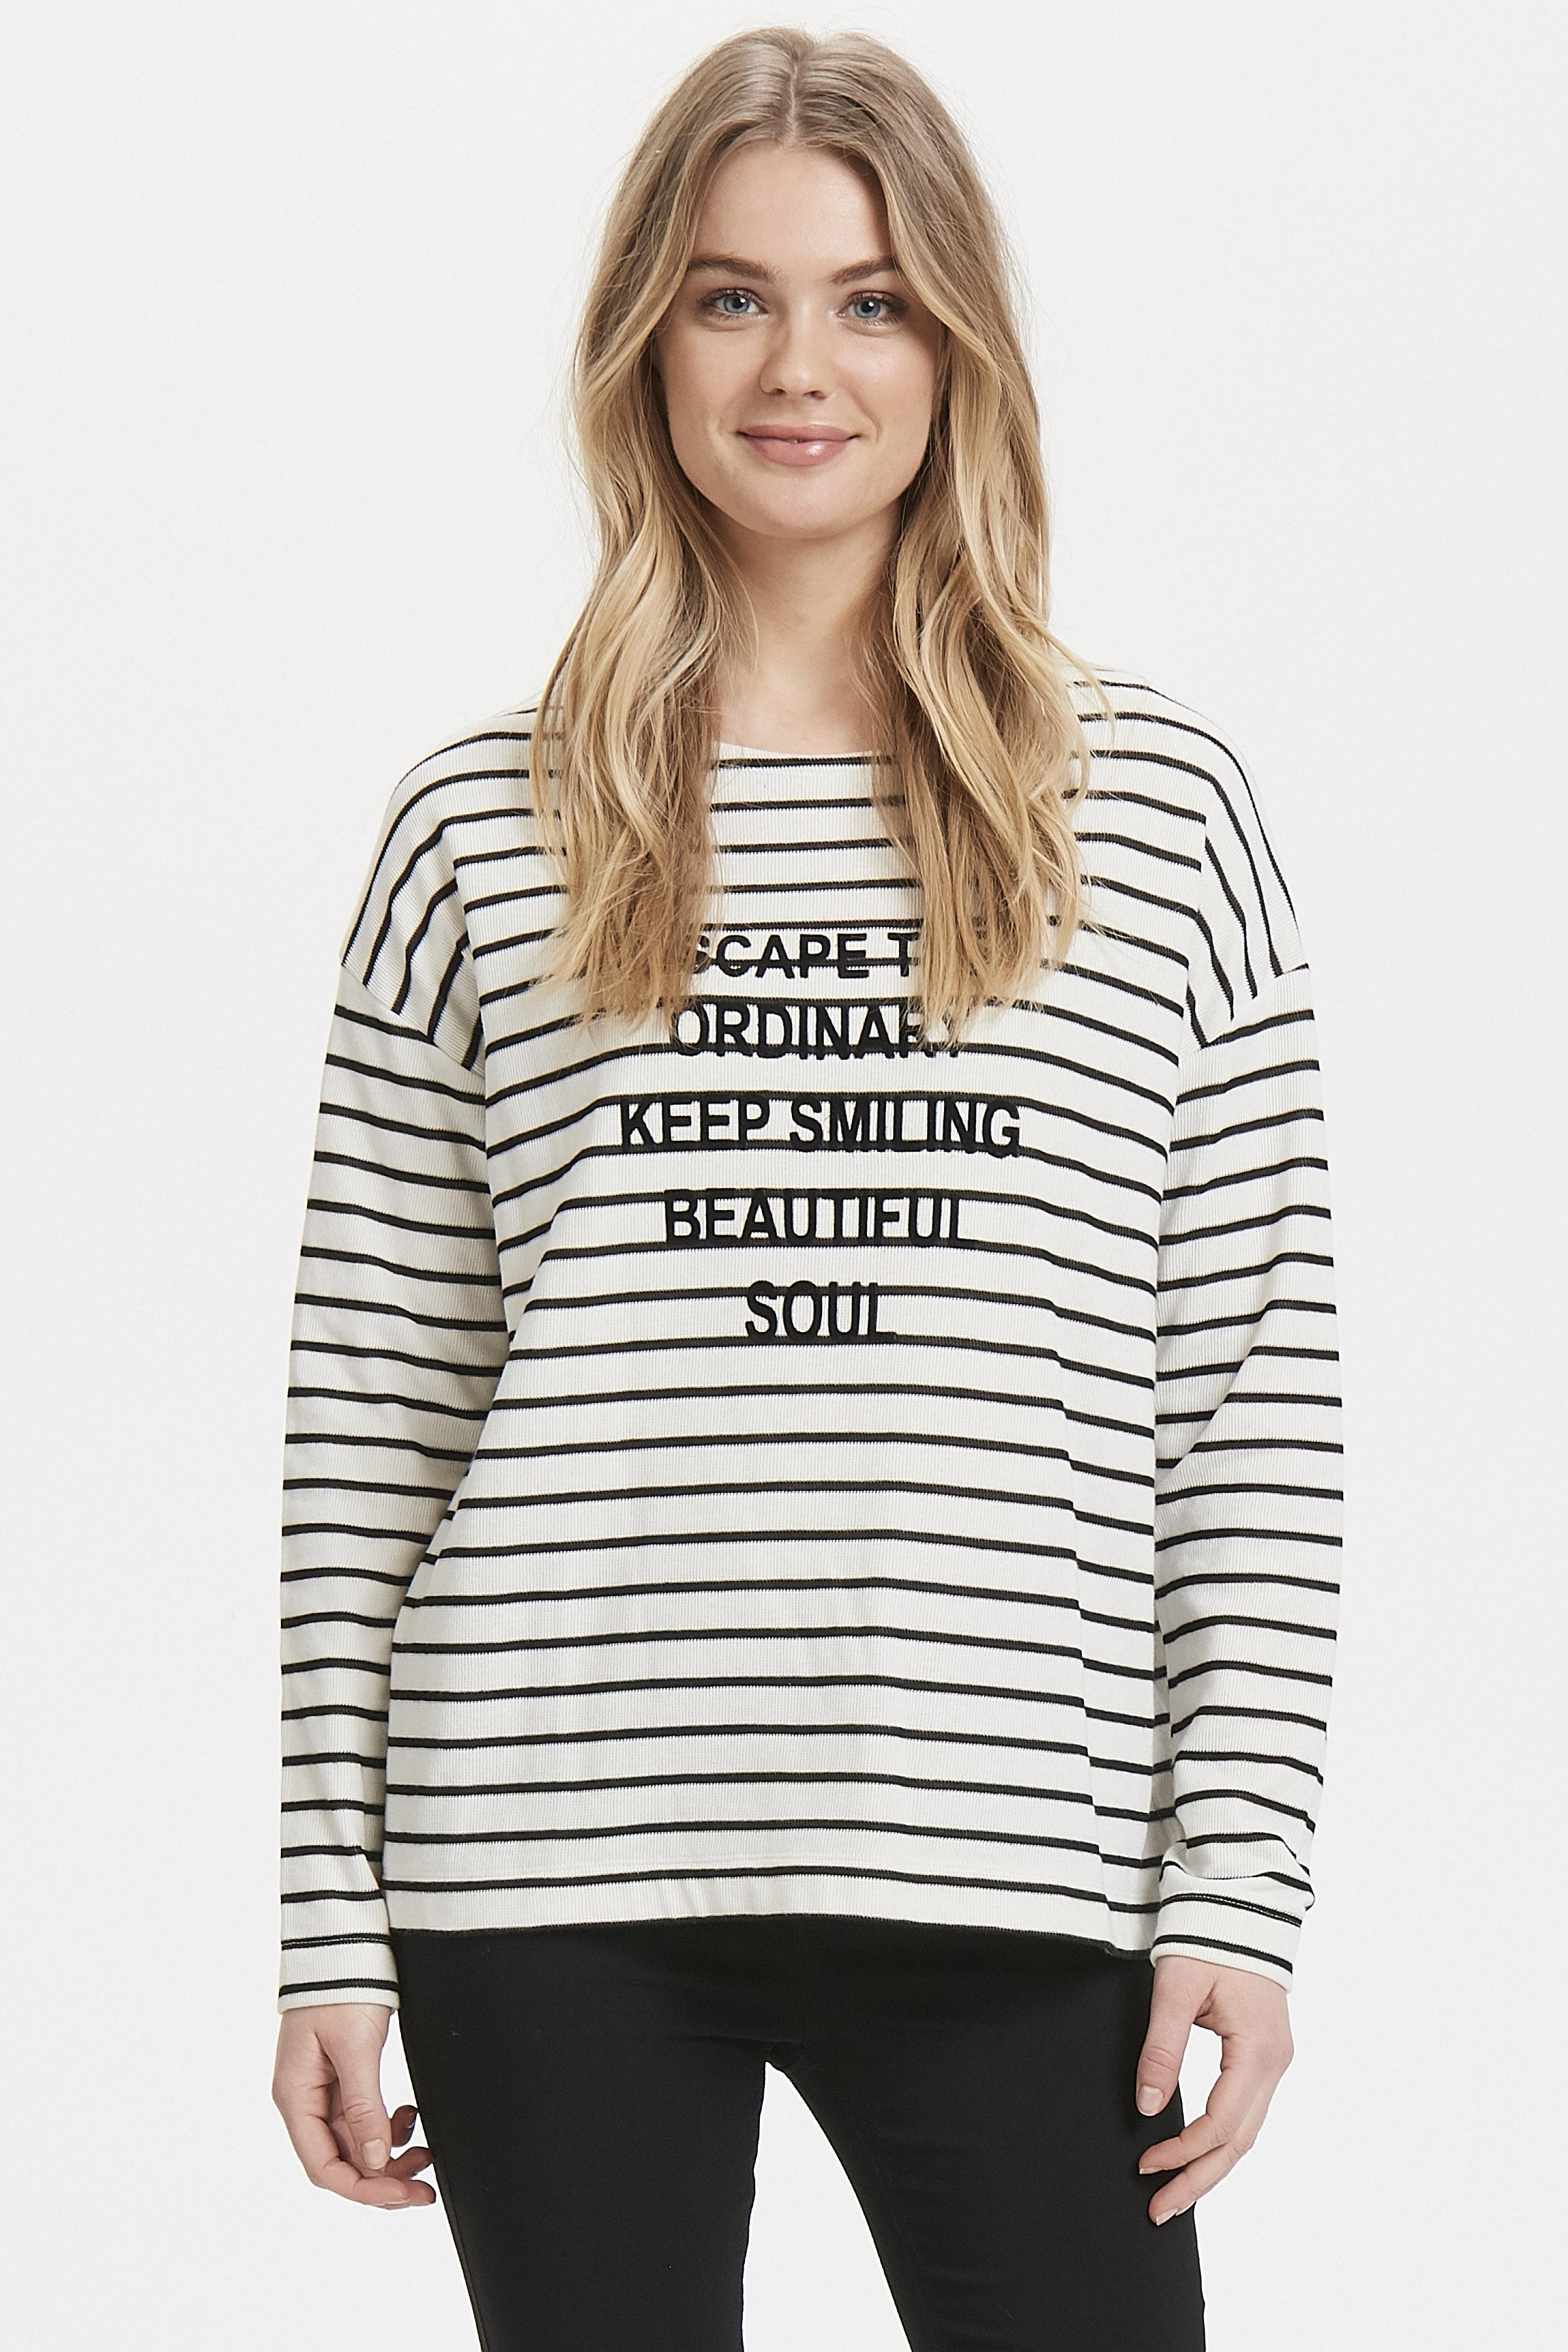 Black combi Langarm-Bluse von b.young – Kaufen Sie Black combi Langarm-Bluse aus Größe XS-XXL hier